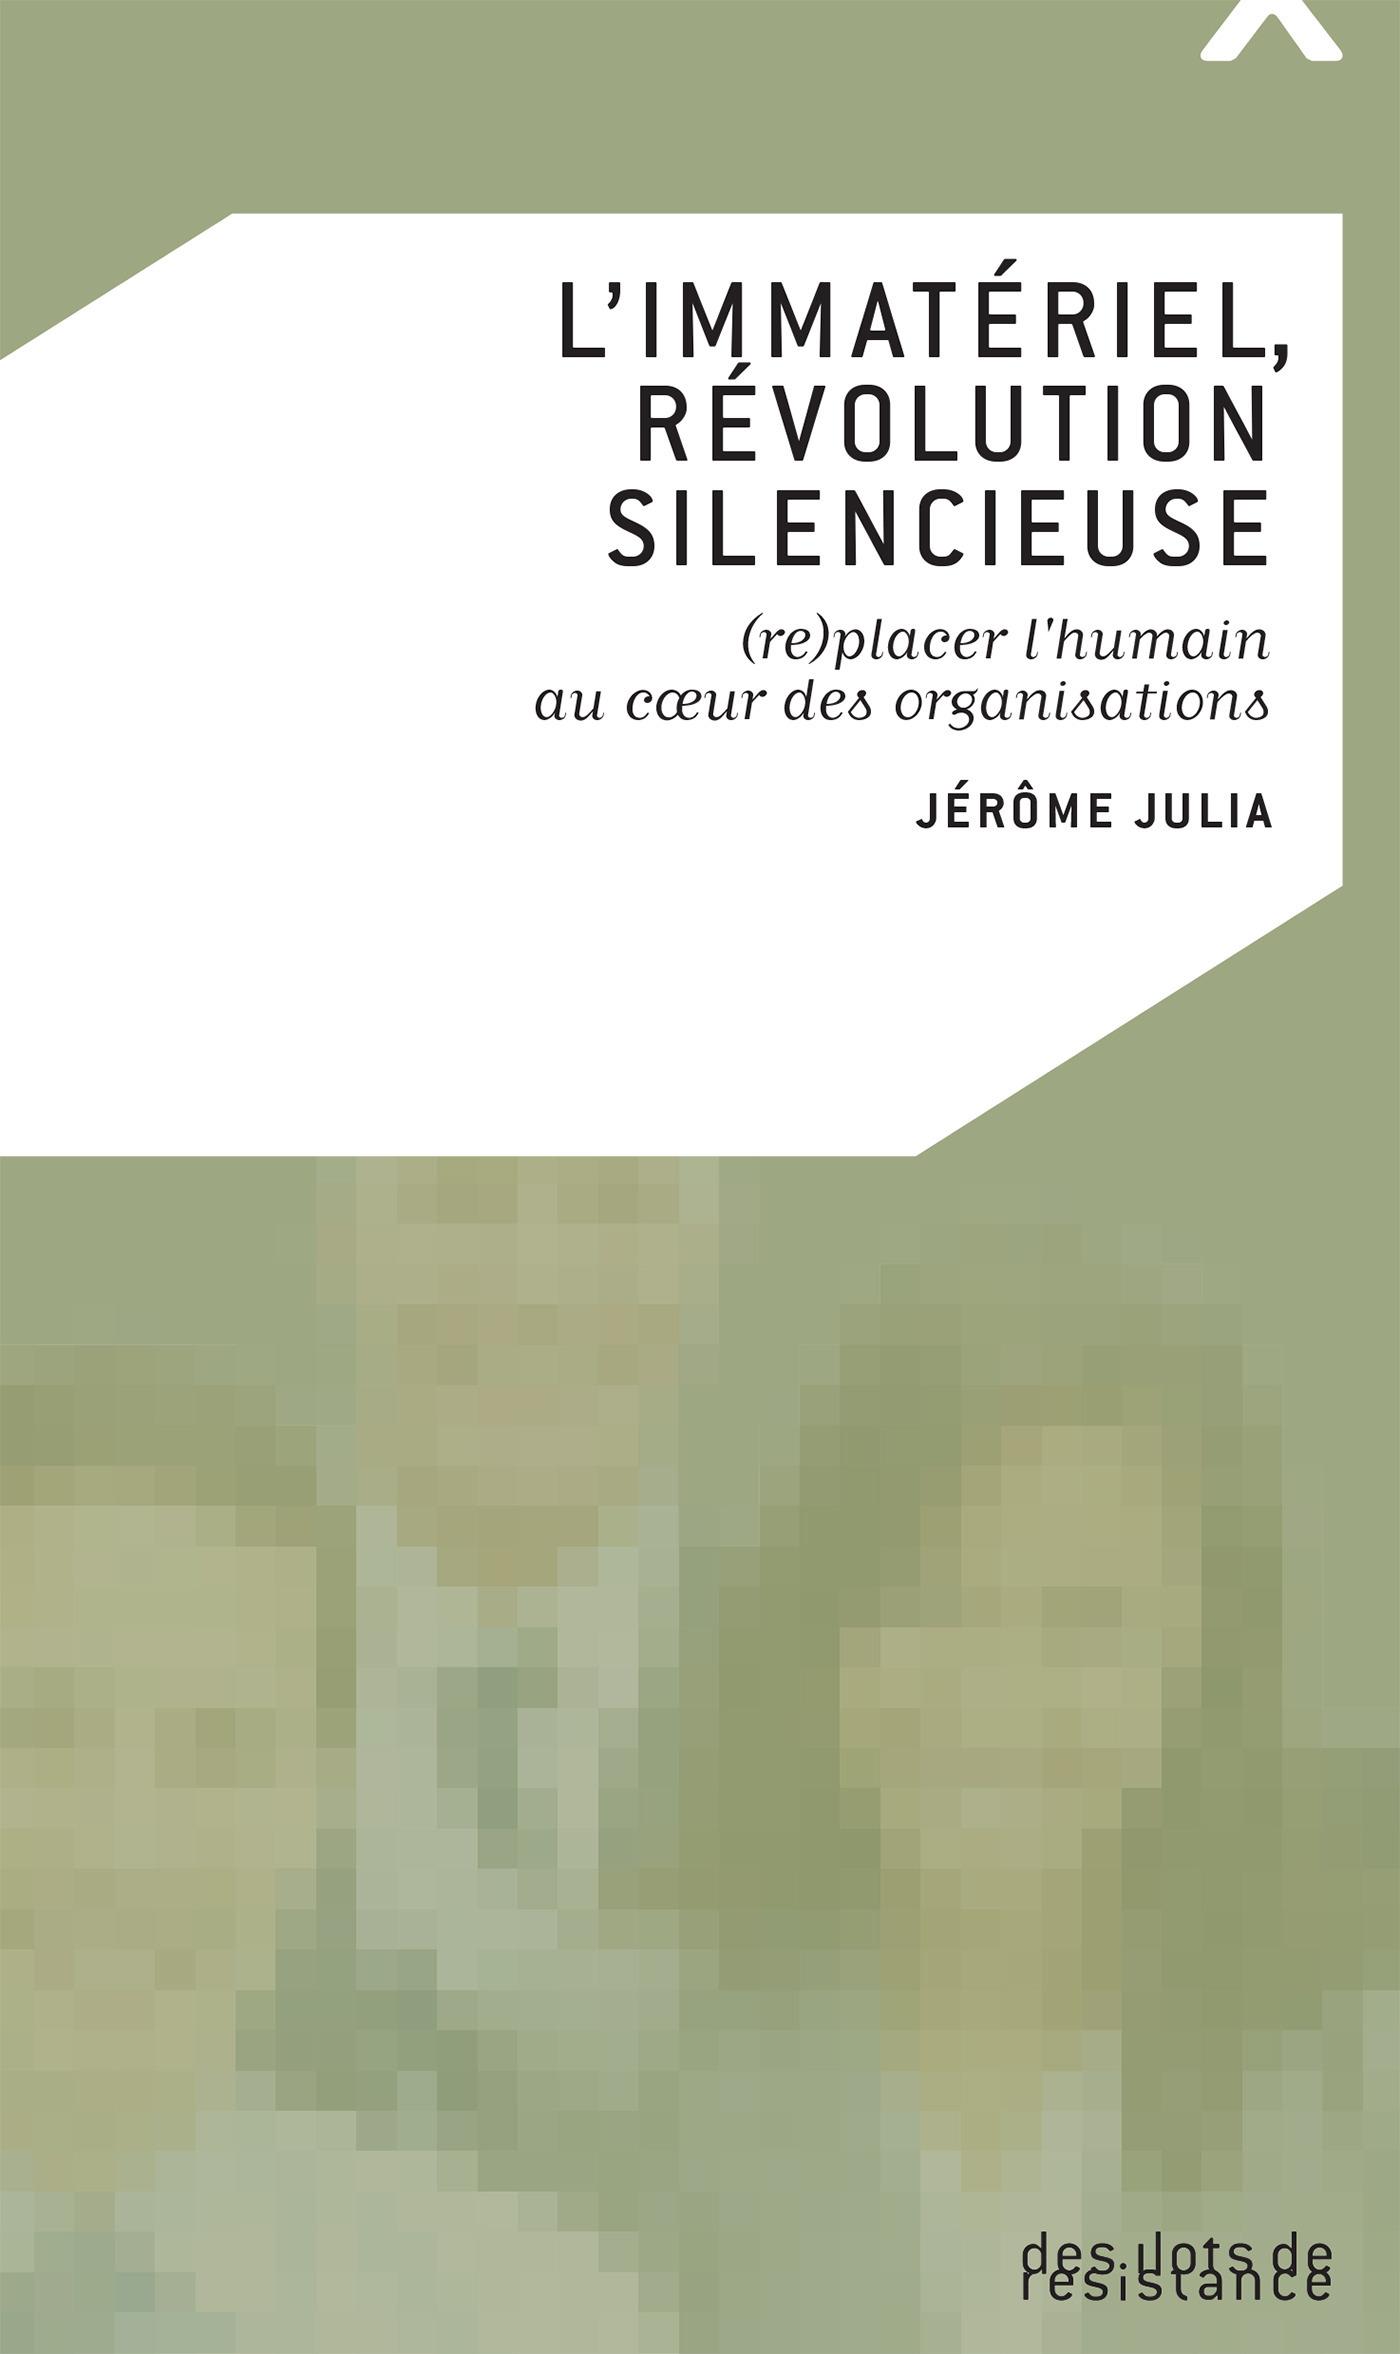 L'immatériel, révolution silencieuse ; (re)placer l'humain au coeur des organisations